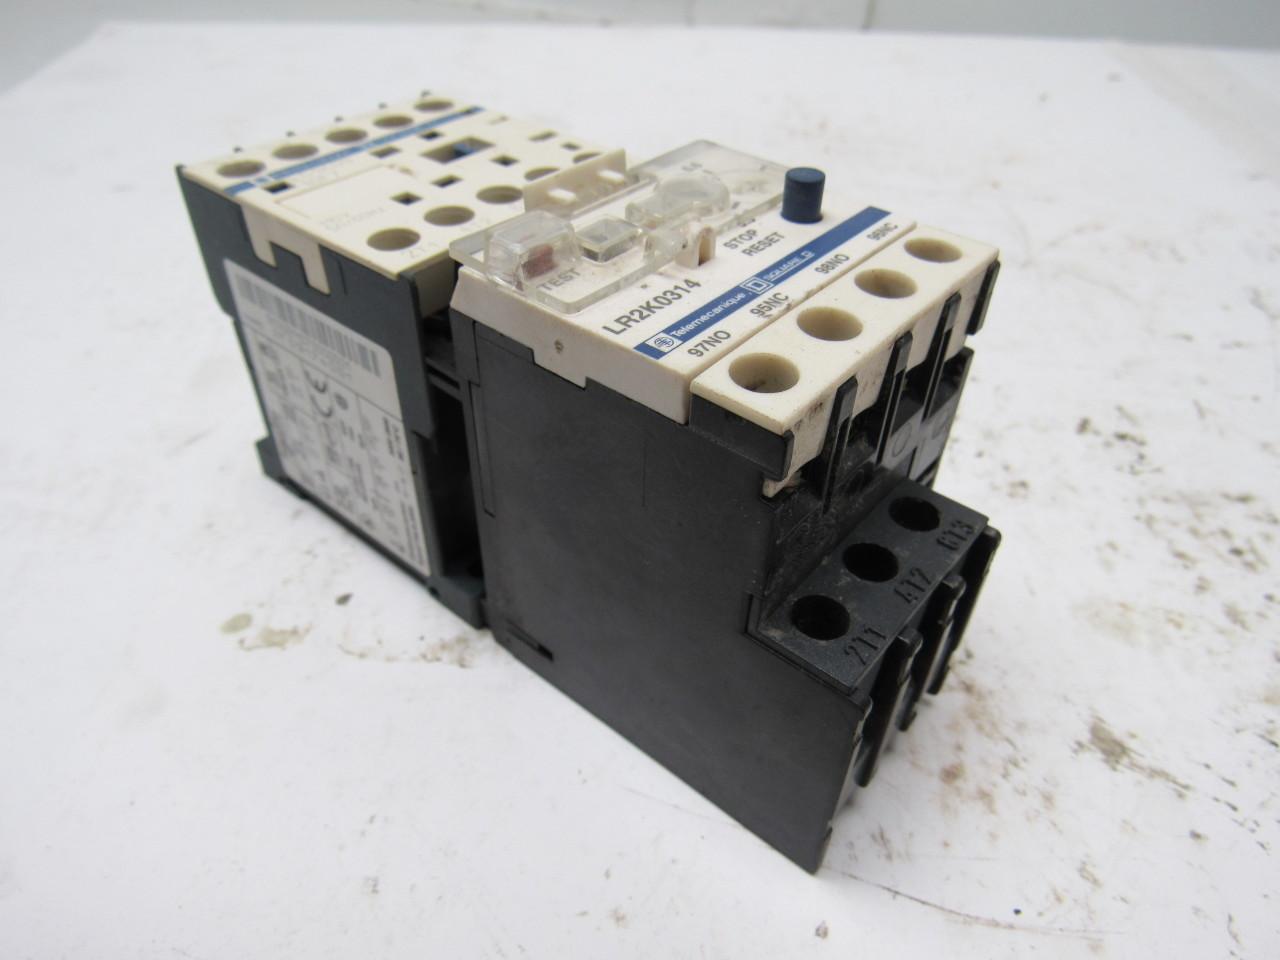 Square D Telemecanique LC1K09 3 Pole 9 Amp Miniature Contactor  #4A6081